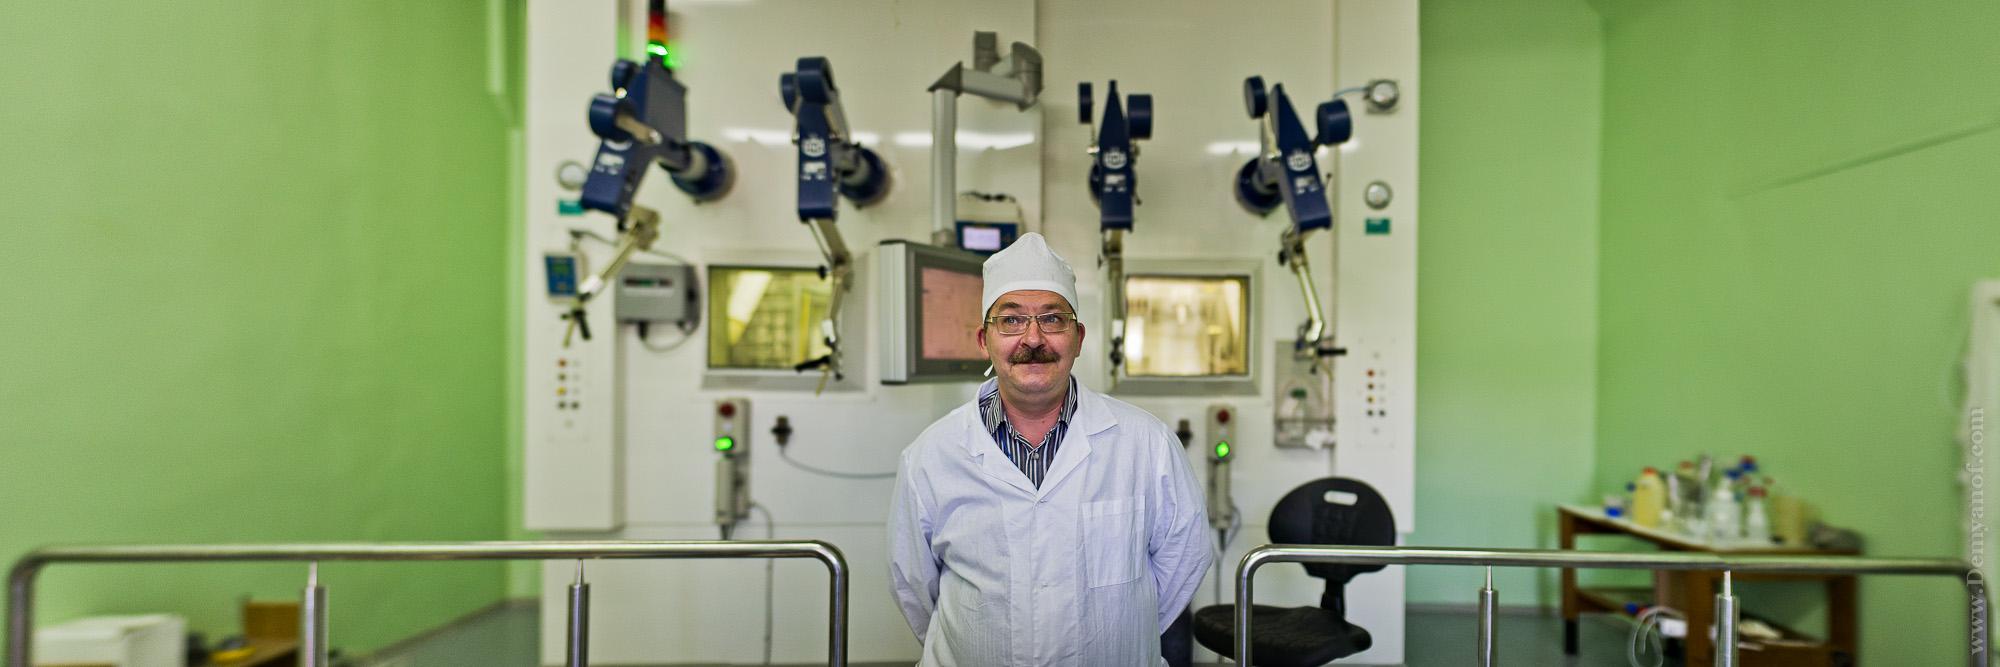 Портрет научного работника